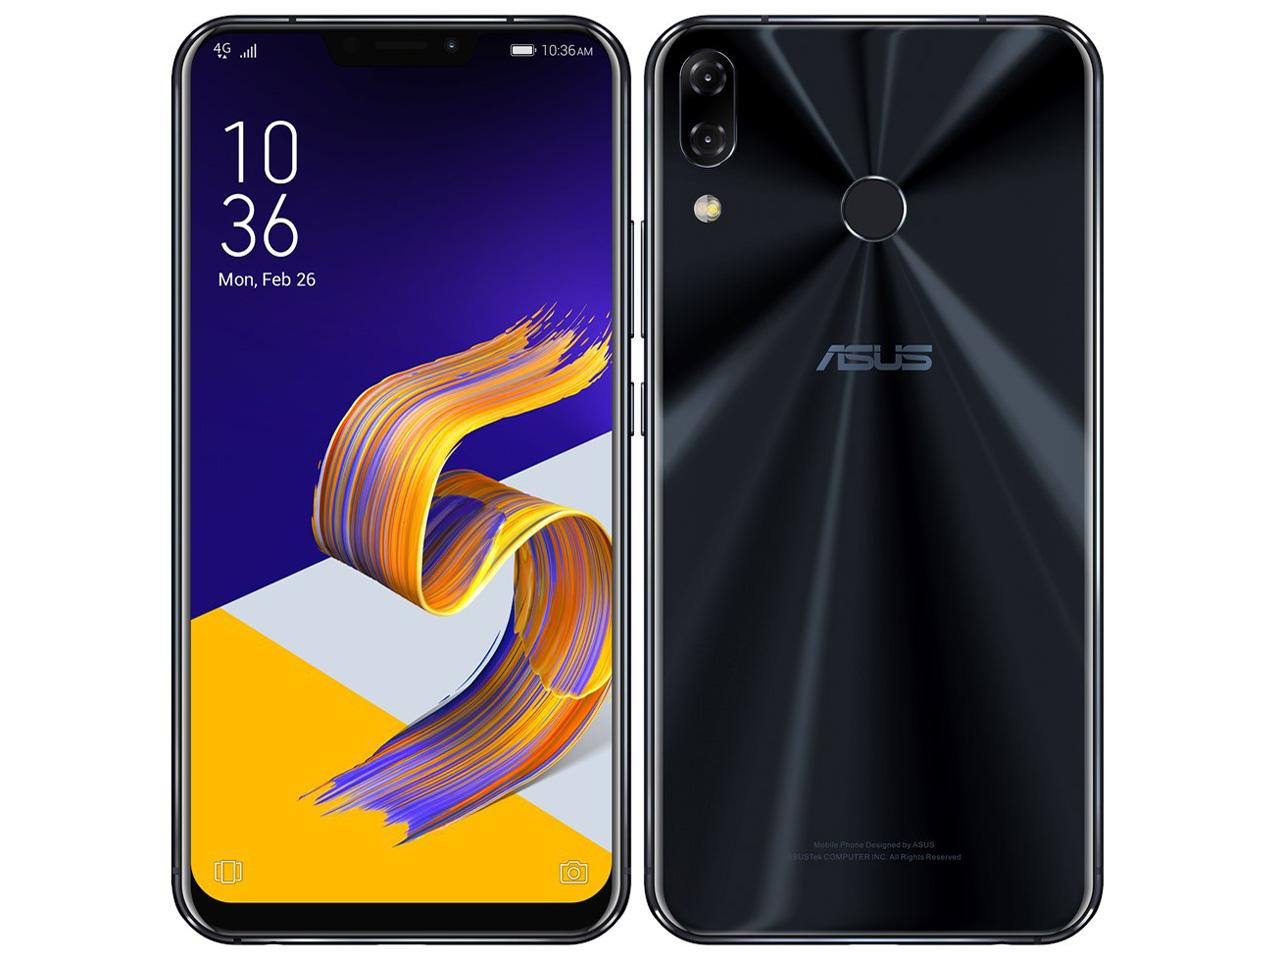 ZenFone 5Z SIMフリー [シャイニーブラック] の製品画像